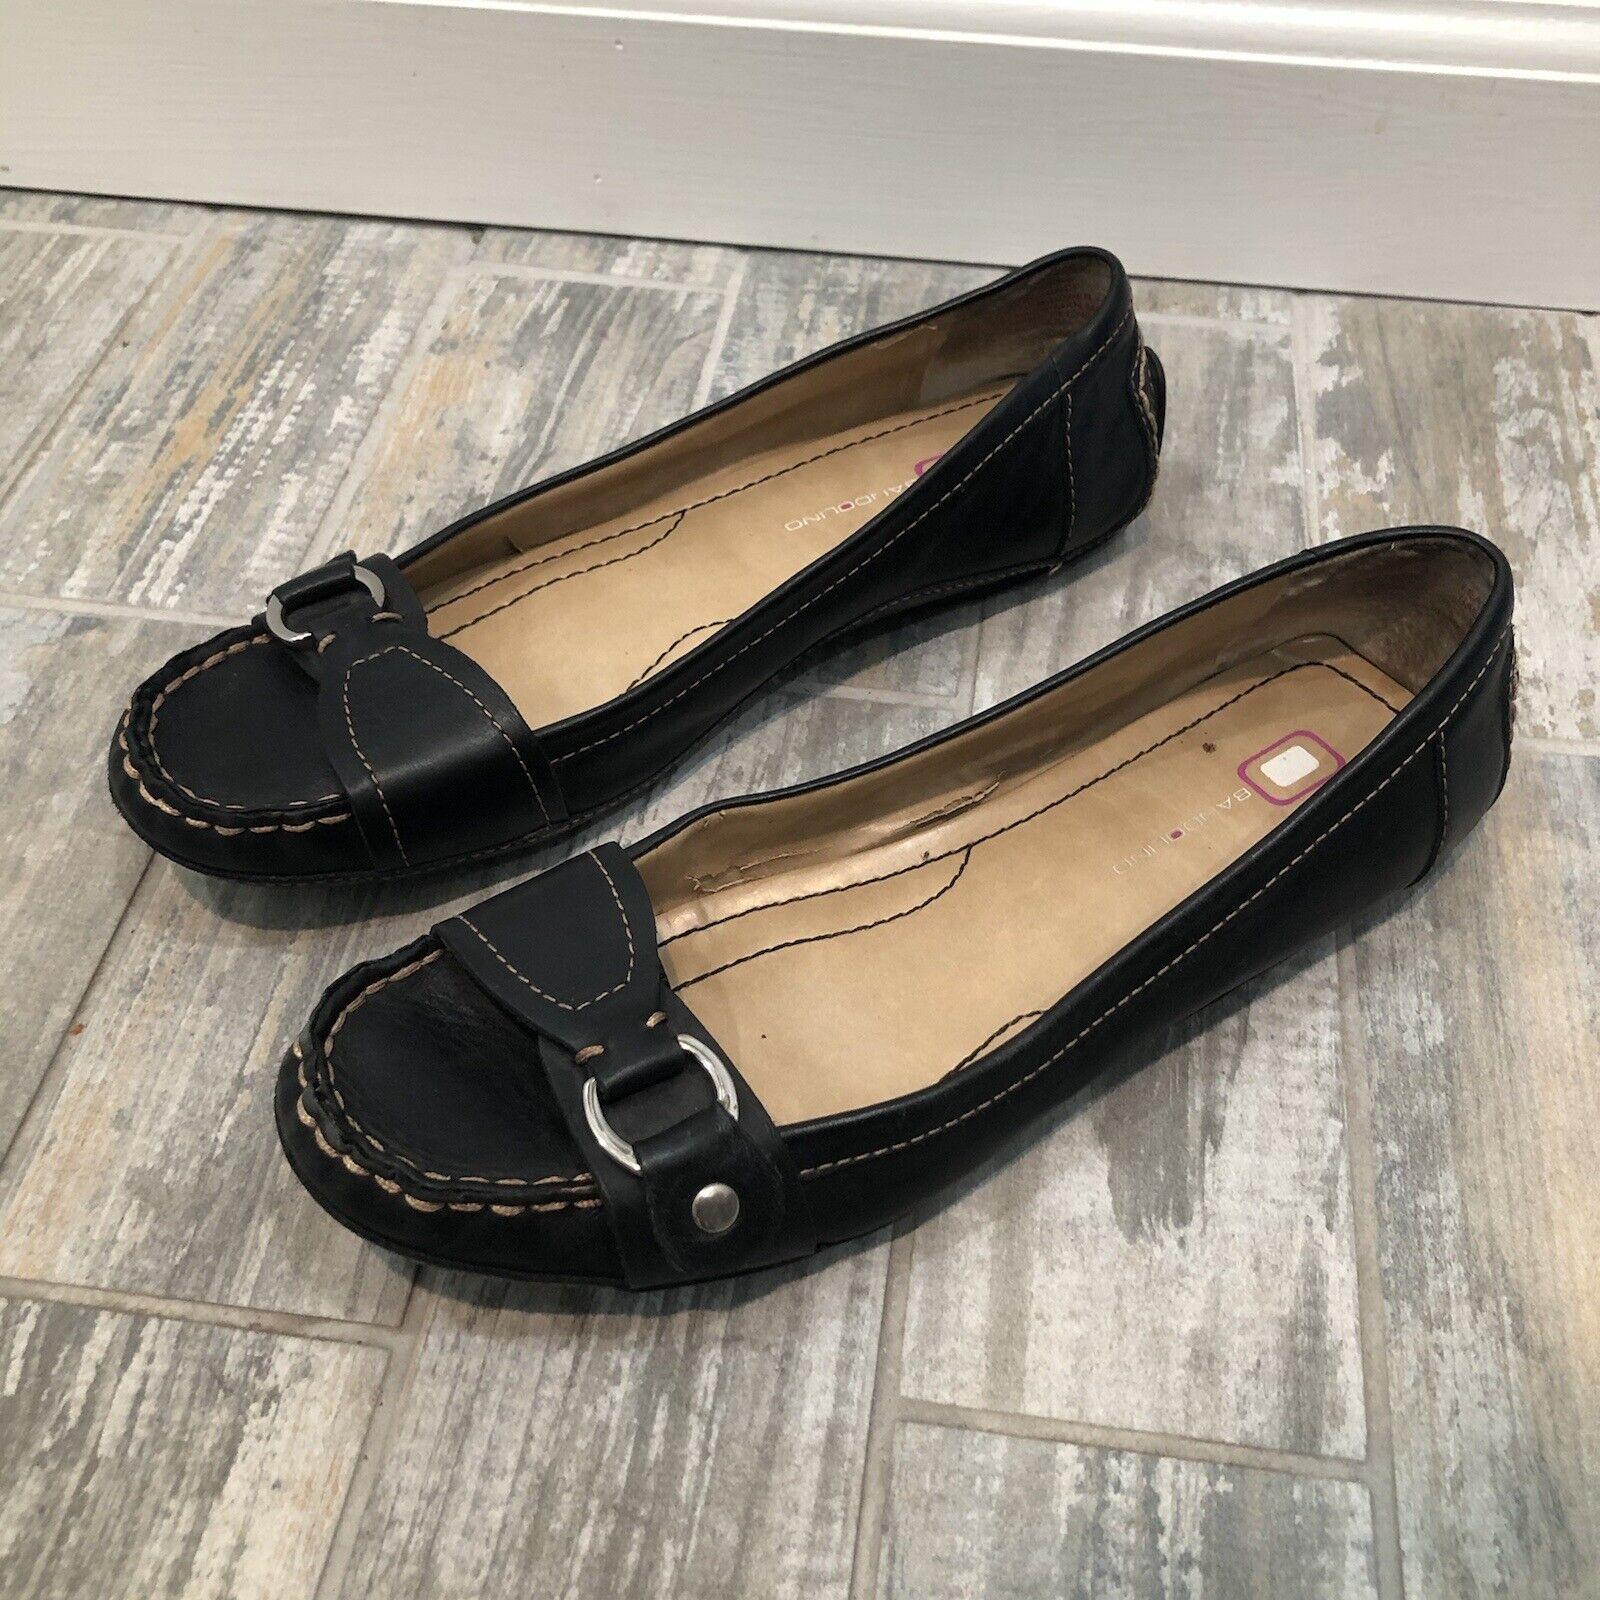 Bandolino Size 7 M Black Loafer Shoes Leather Women Lornef